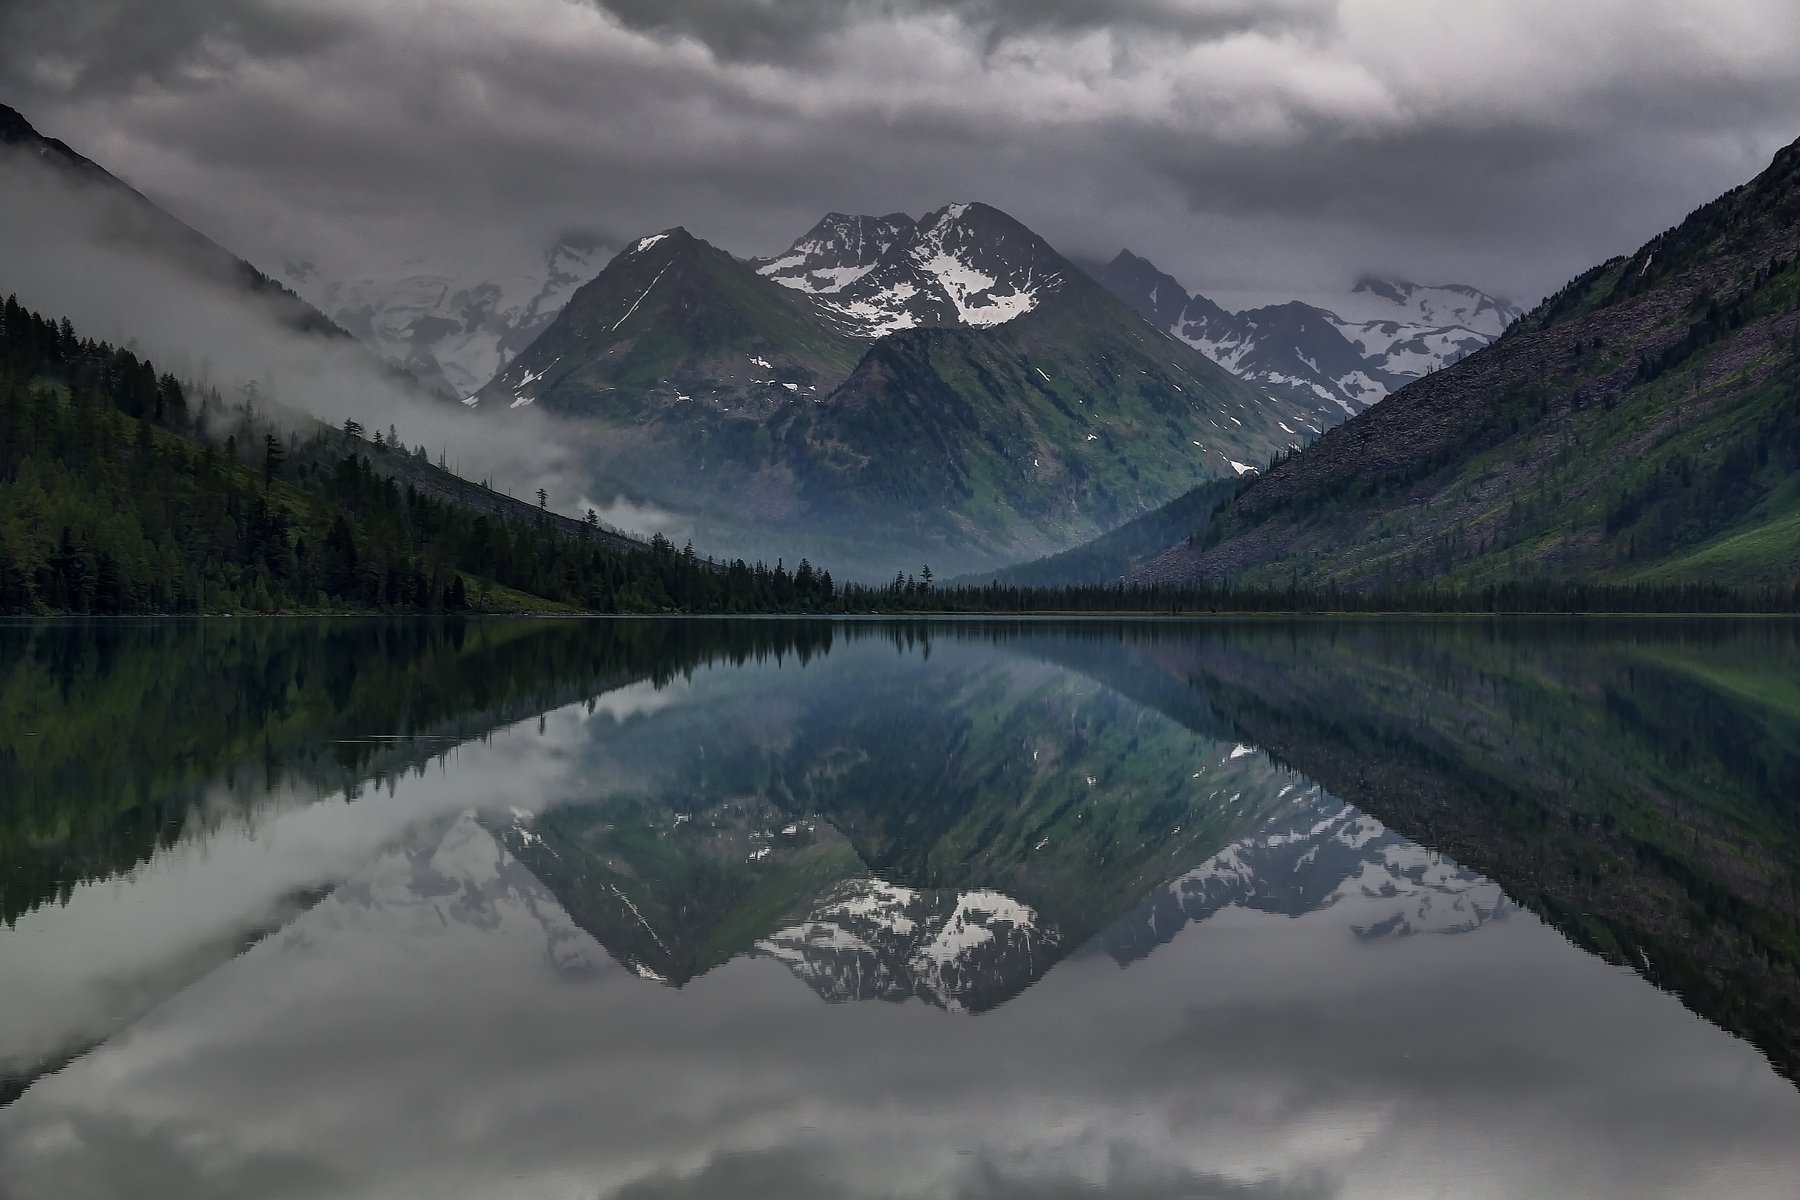 алтай, горный алтай, горы, озеро, отражение, Roman Vorobyev